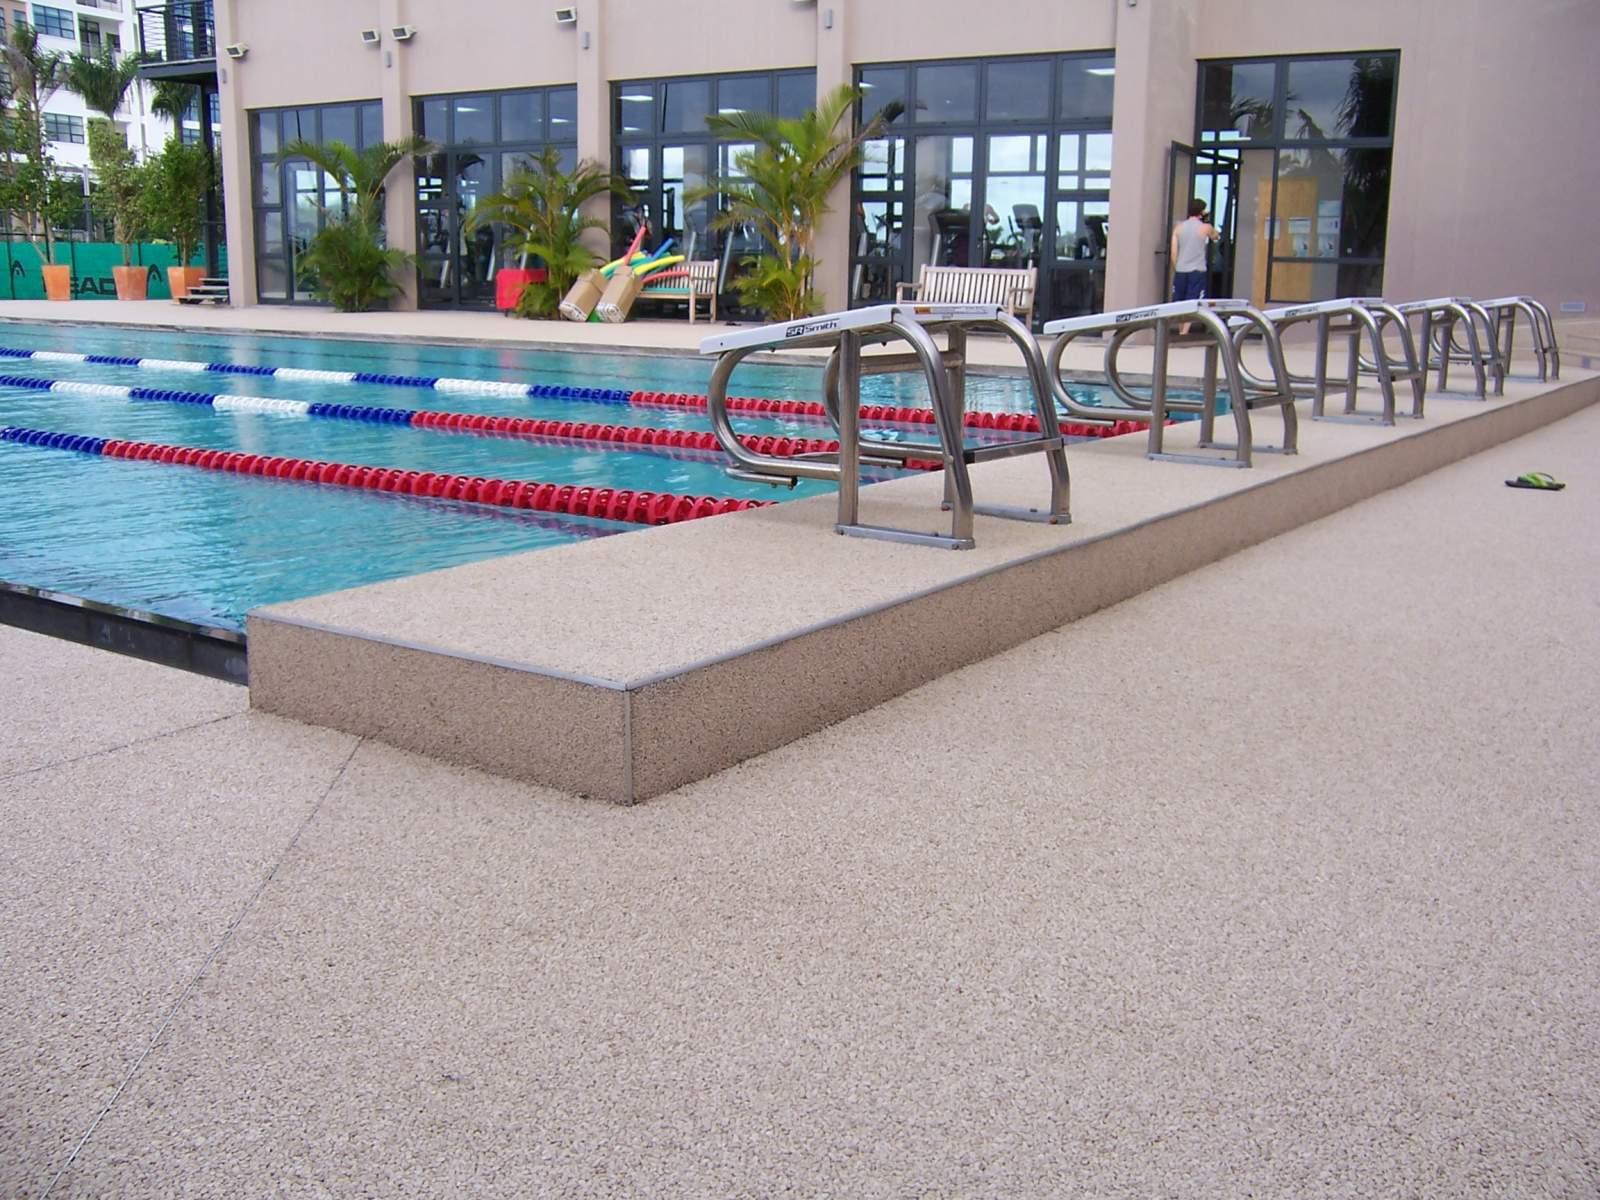 Le marbreline est il chaud au soleil rev tement - Revetement de piscine resine ...